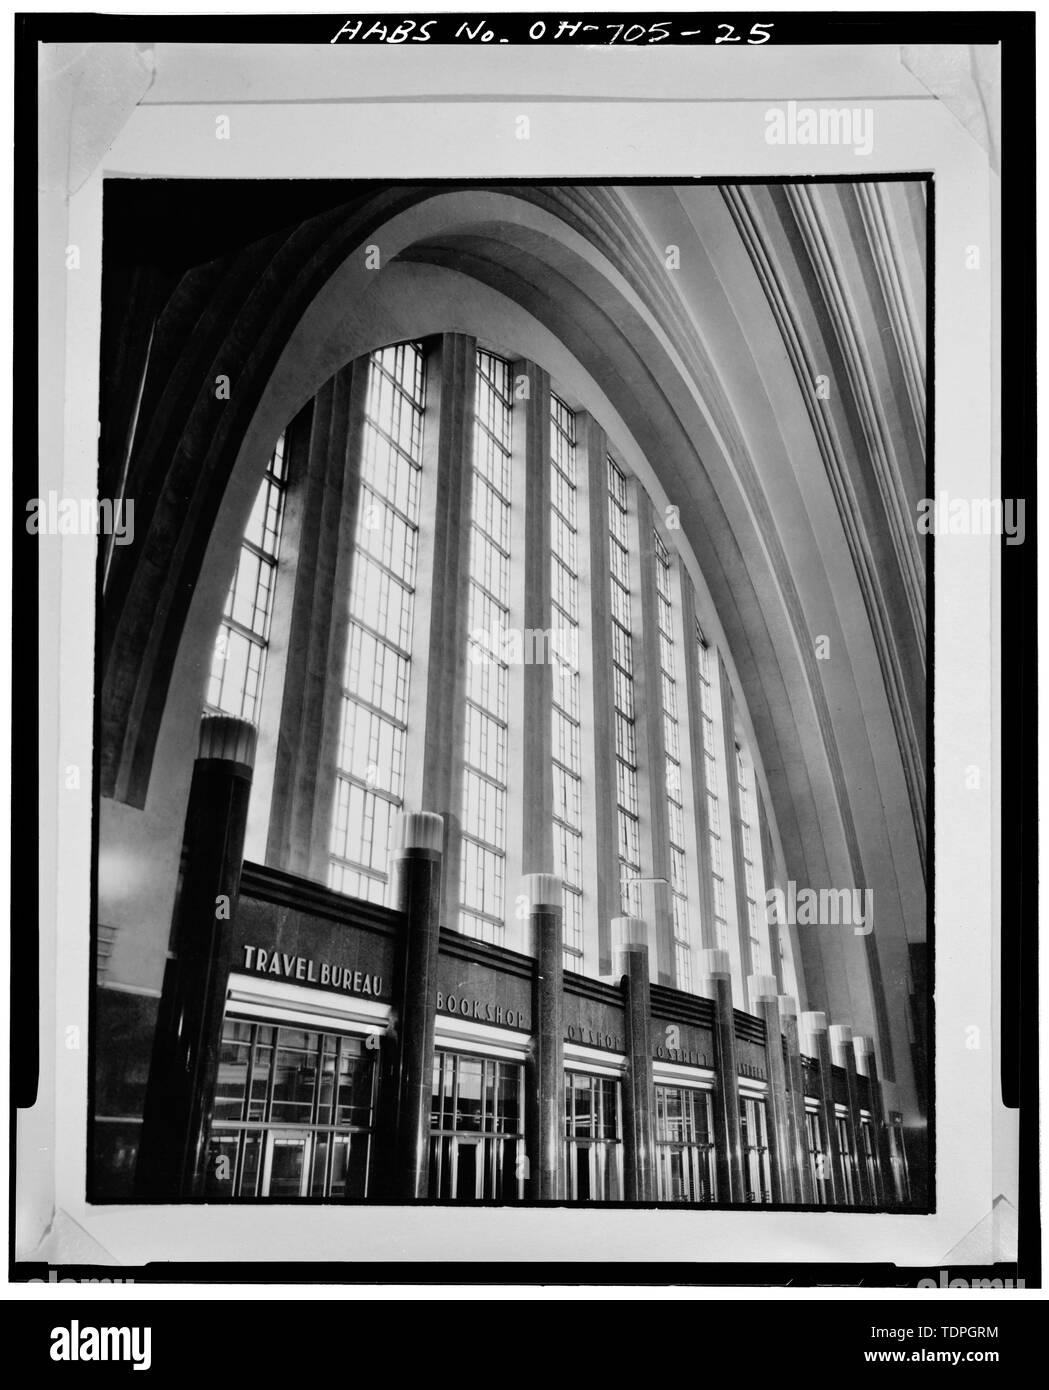 WEST WALL OF CONCOURSE, LOOKING SOUTHEAST - Cincinnati Union Terminal, 1301 Western Avenue, Cincinnati, Hamilton County, OH - Stock Image